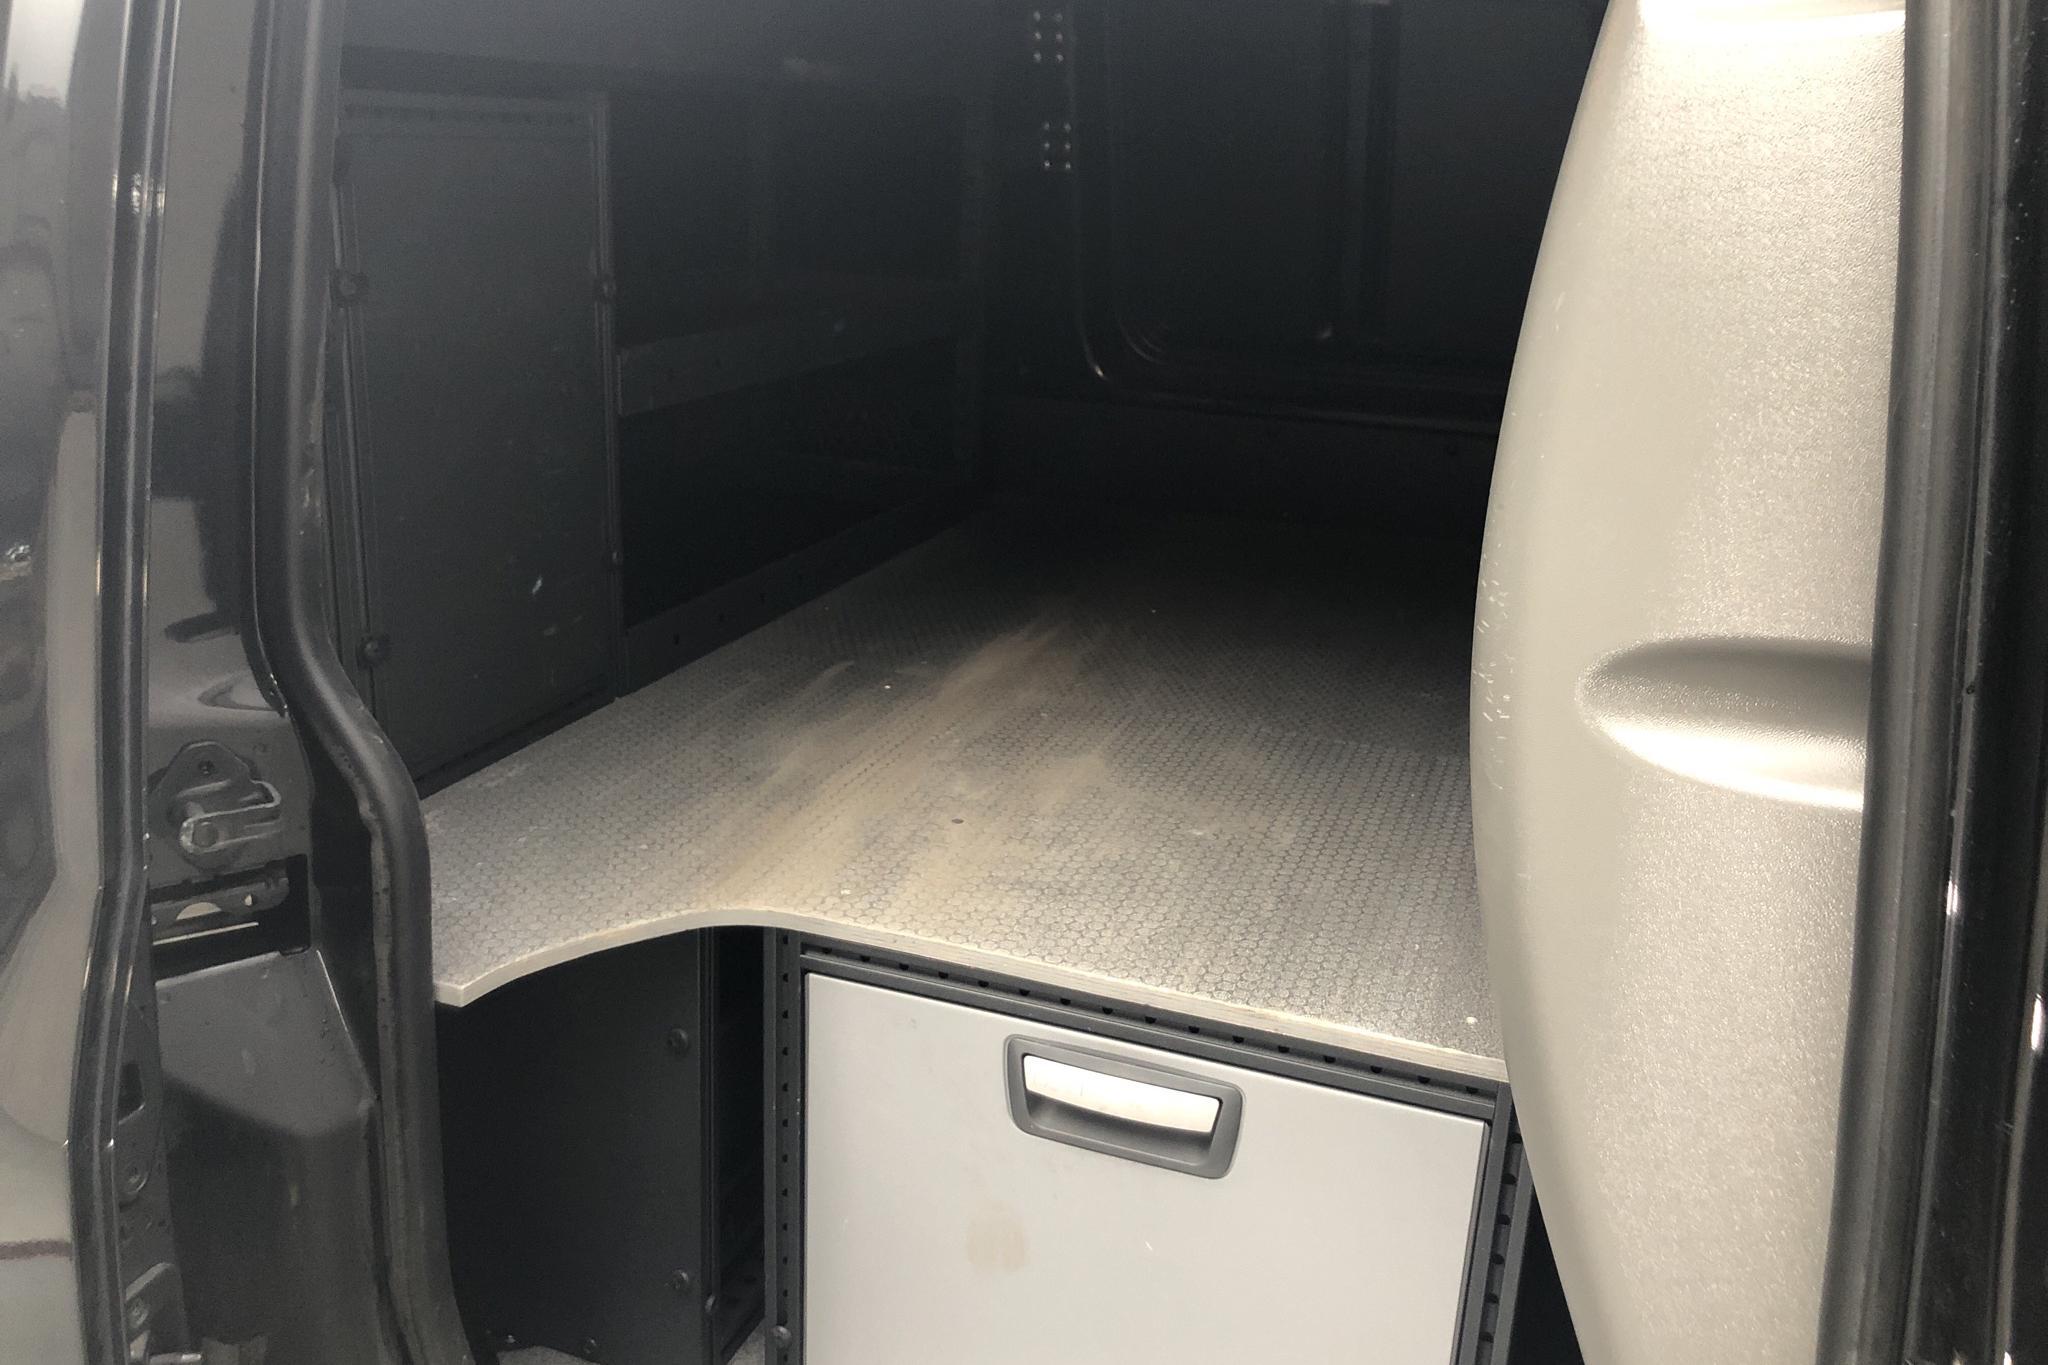 VW Caddy 2.0 TDI Skåp (75hk) - 11 916 mil - Manuell - svart - 2017